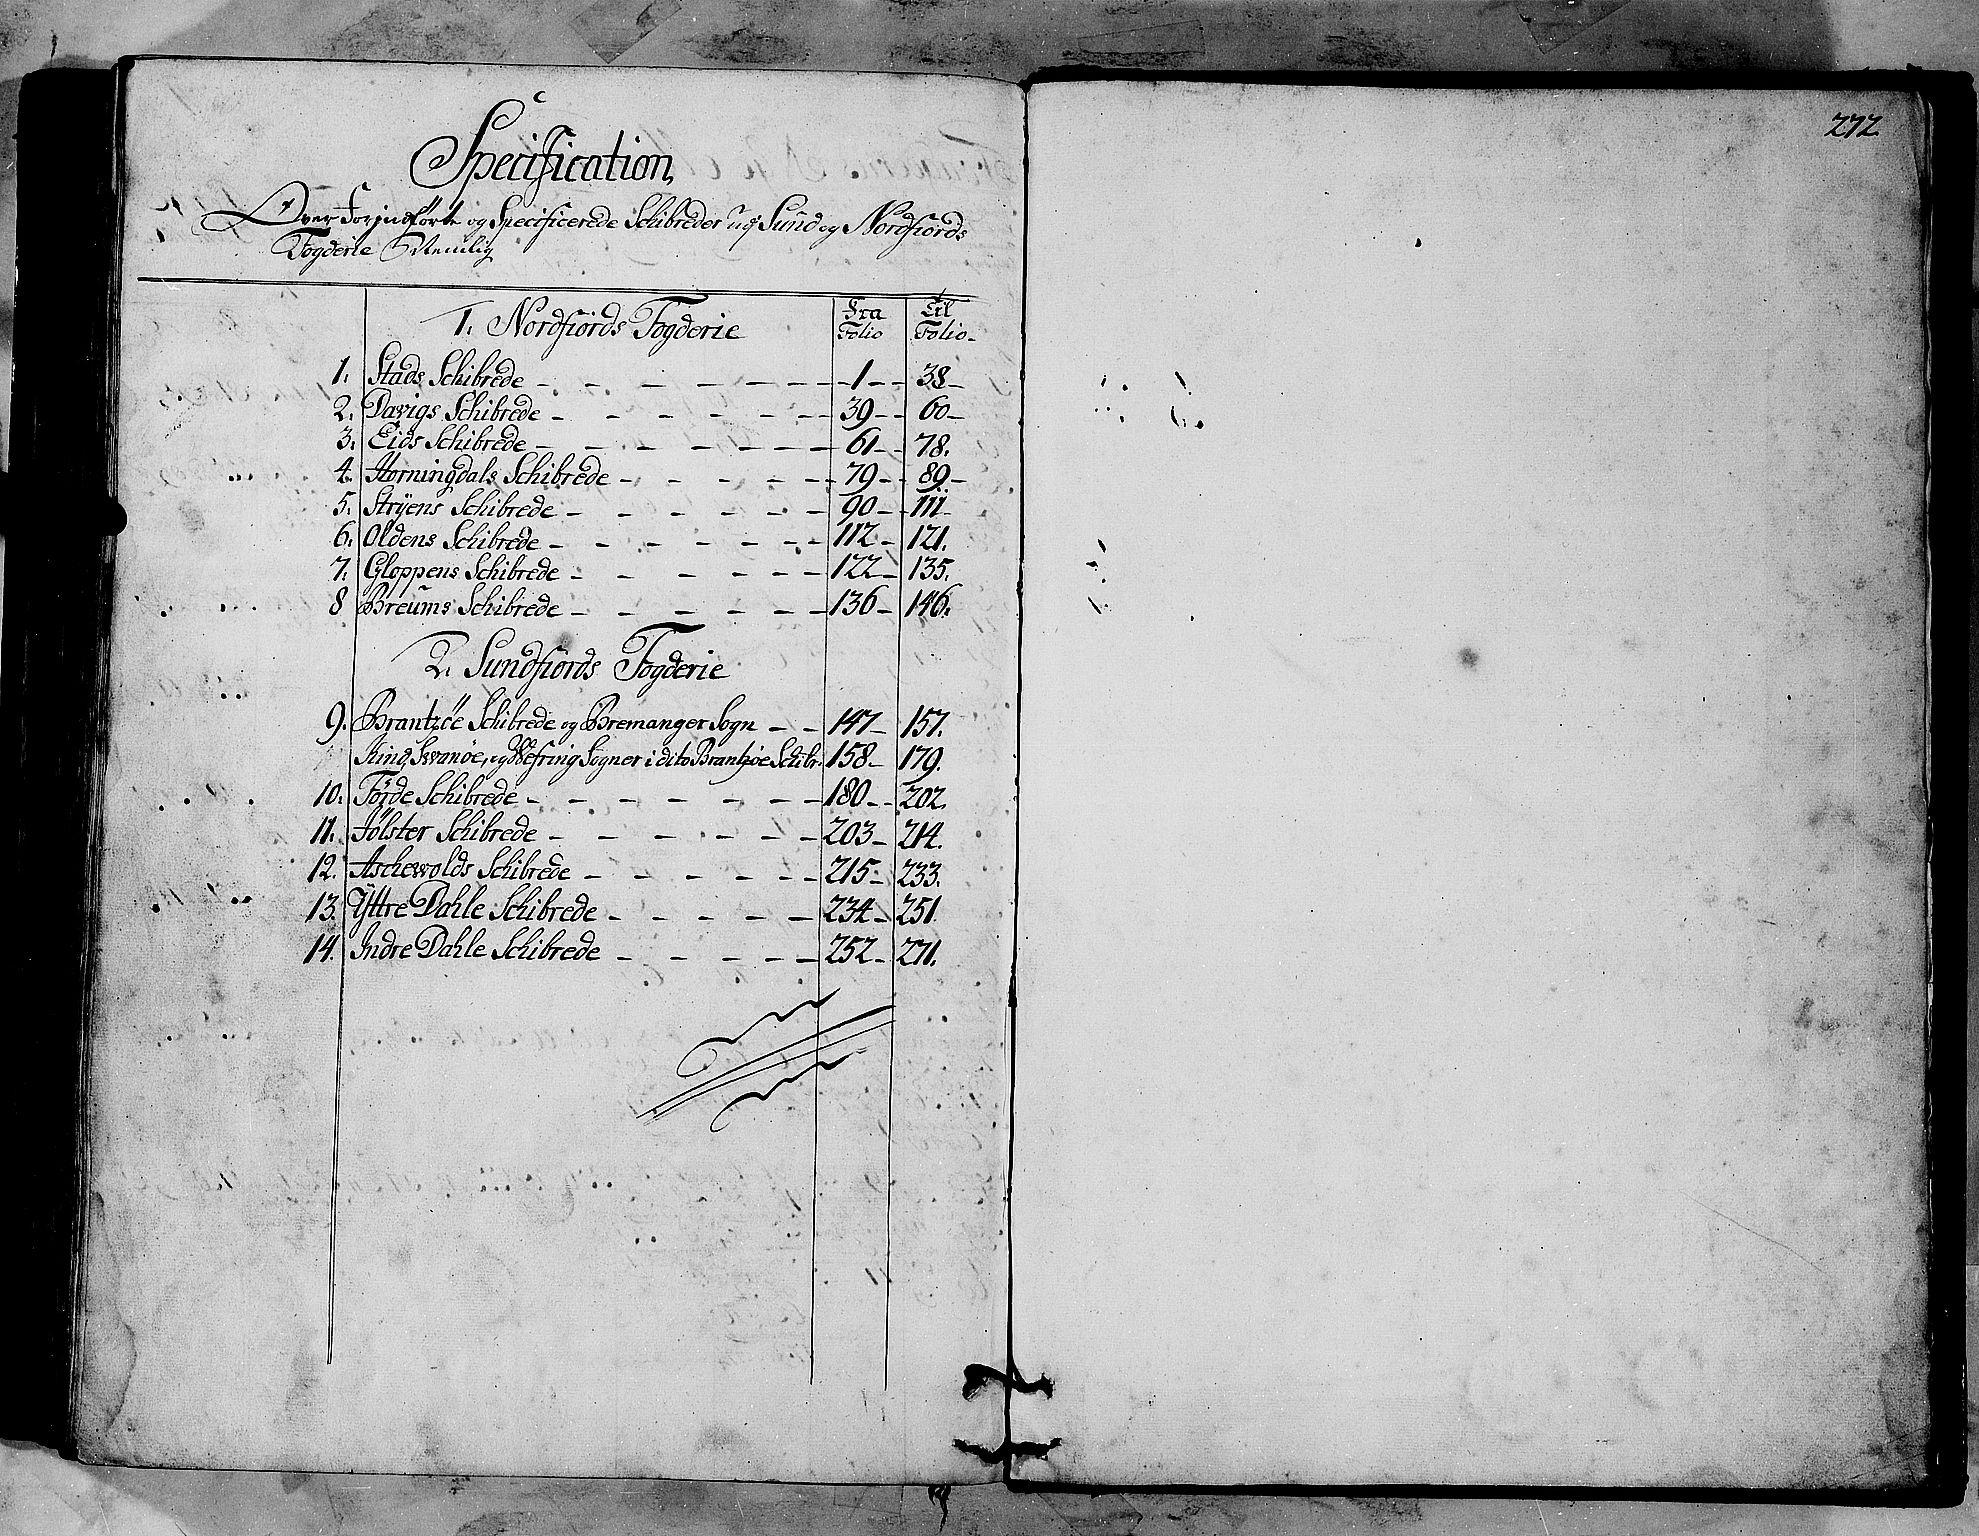 RA, Rentekammeret inntil 1814, Realistisk ordnet avdeling, N/Nb/Nbf/L0147: Sunnfjord og Nordfjord matrikkelprotokoll, 1723, s. 271b-272a